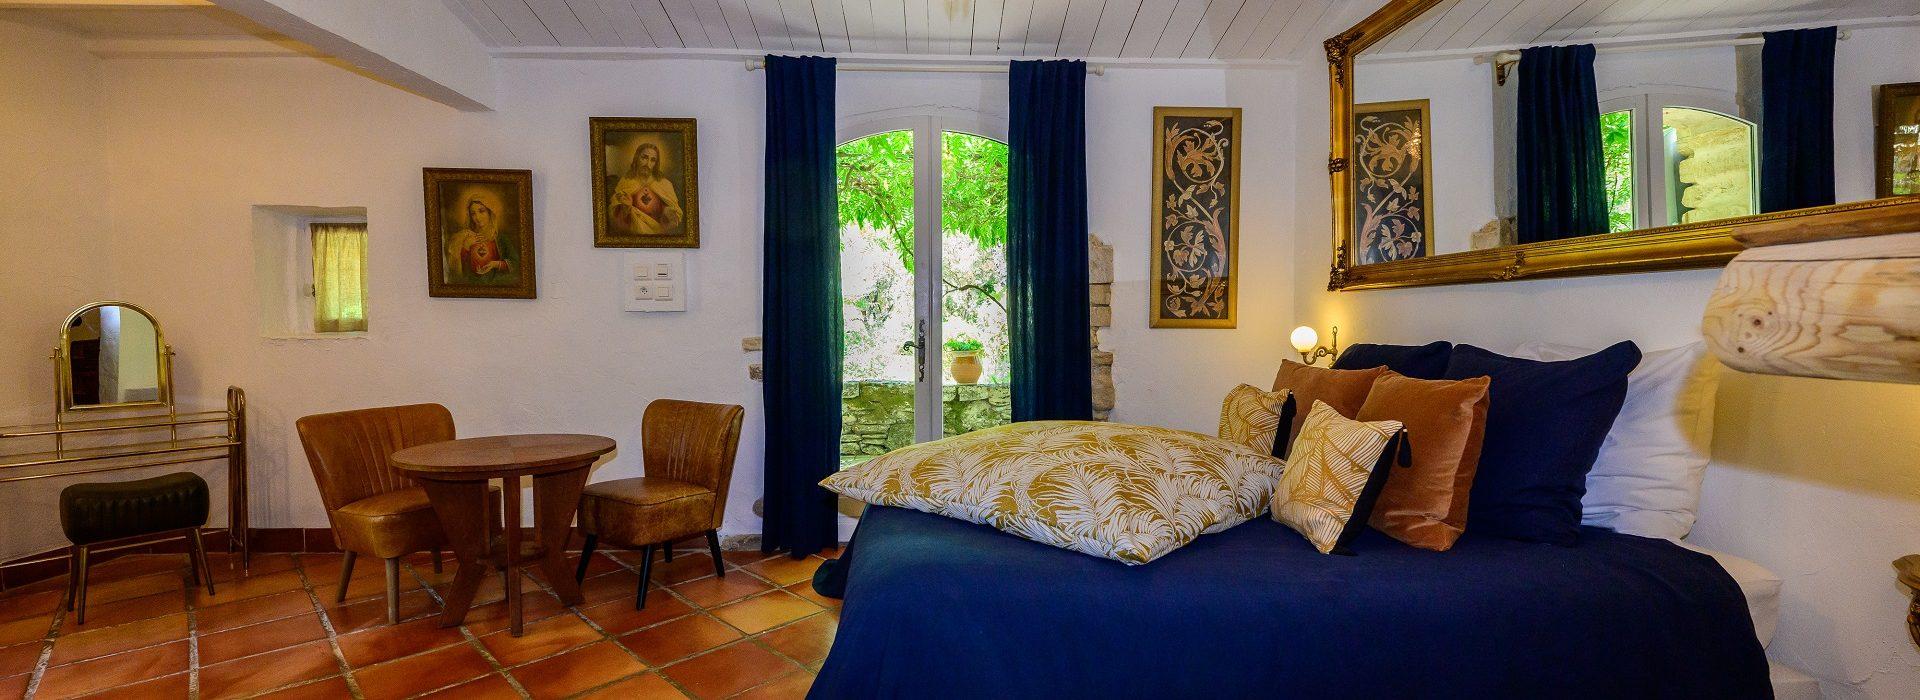 Cezanne hotel insolite